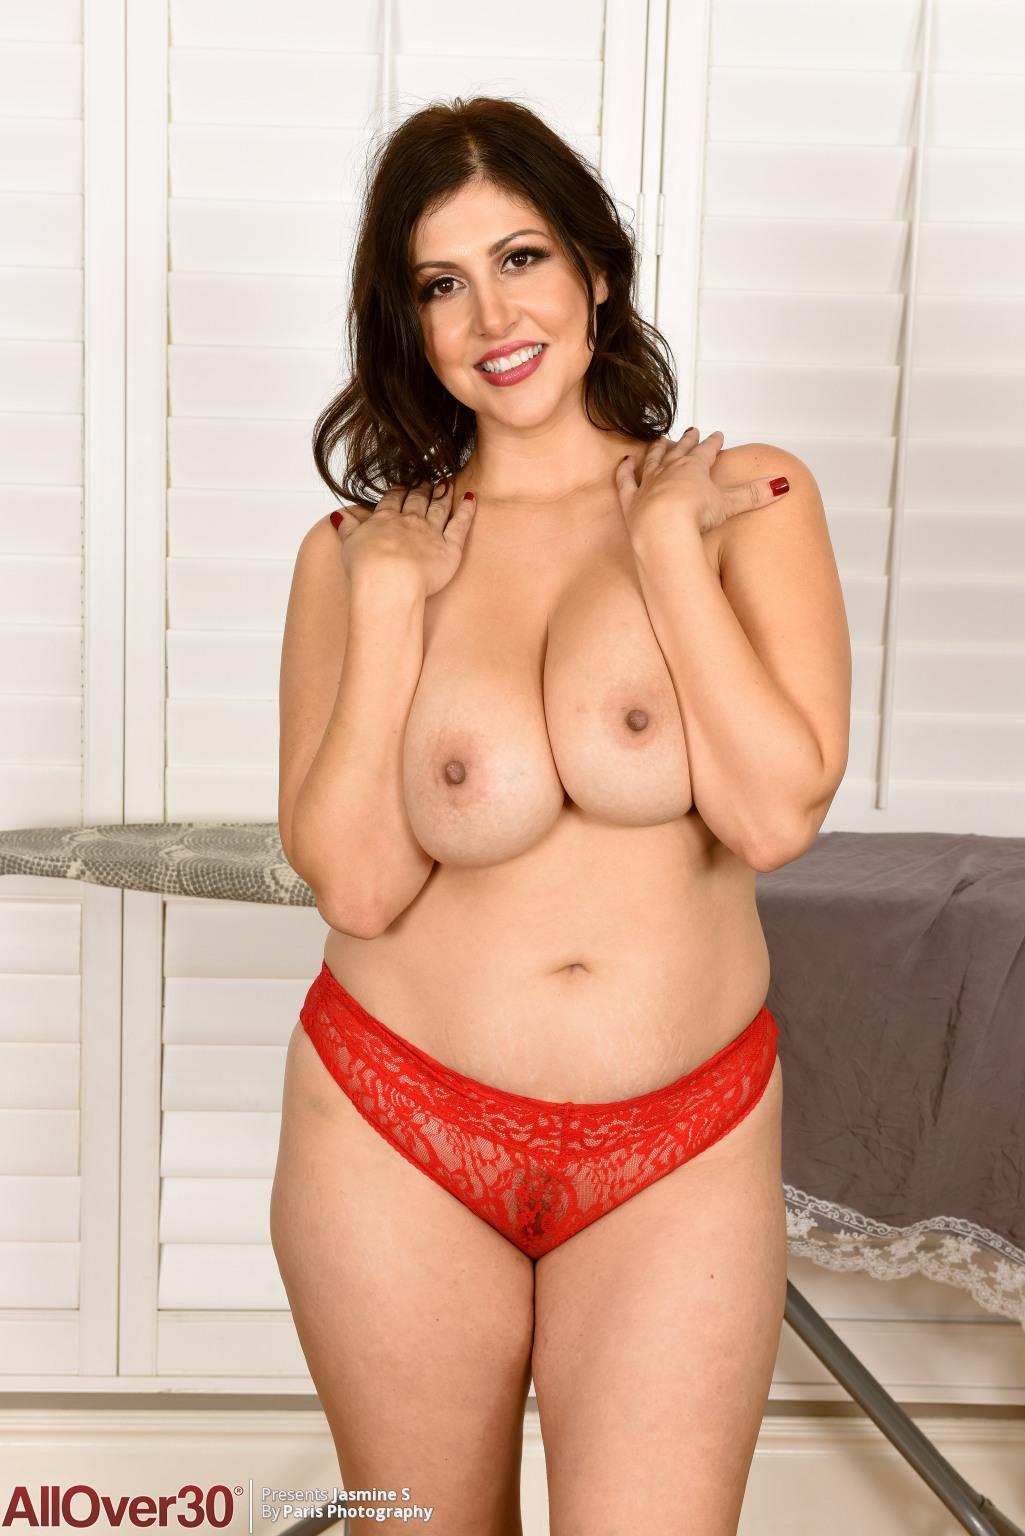 Jasmine milf